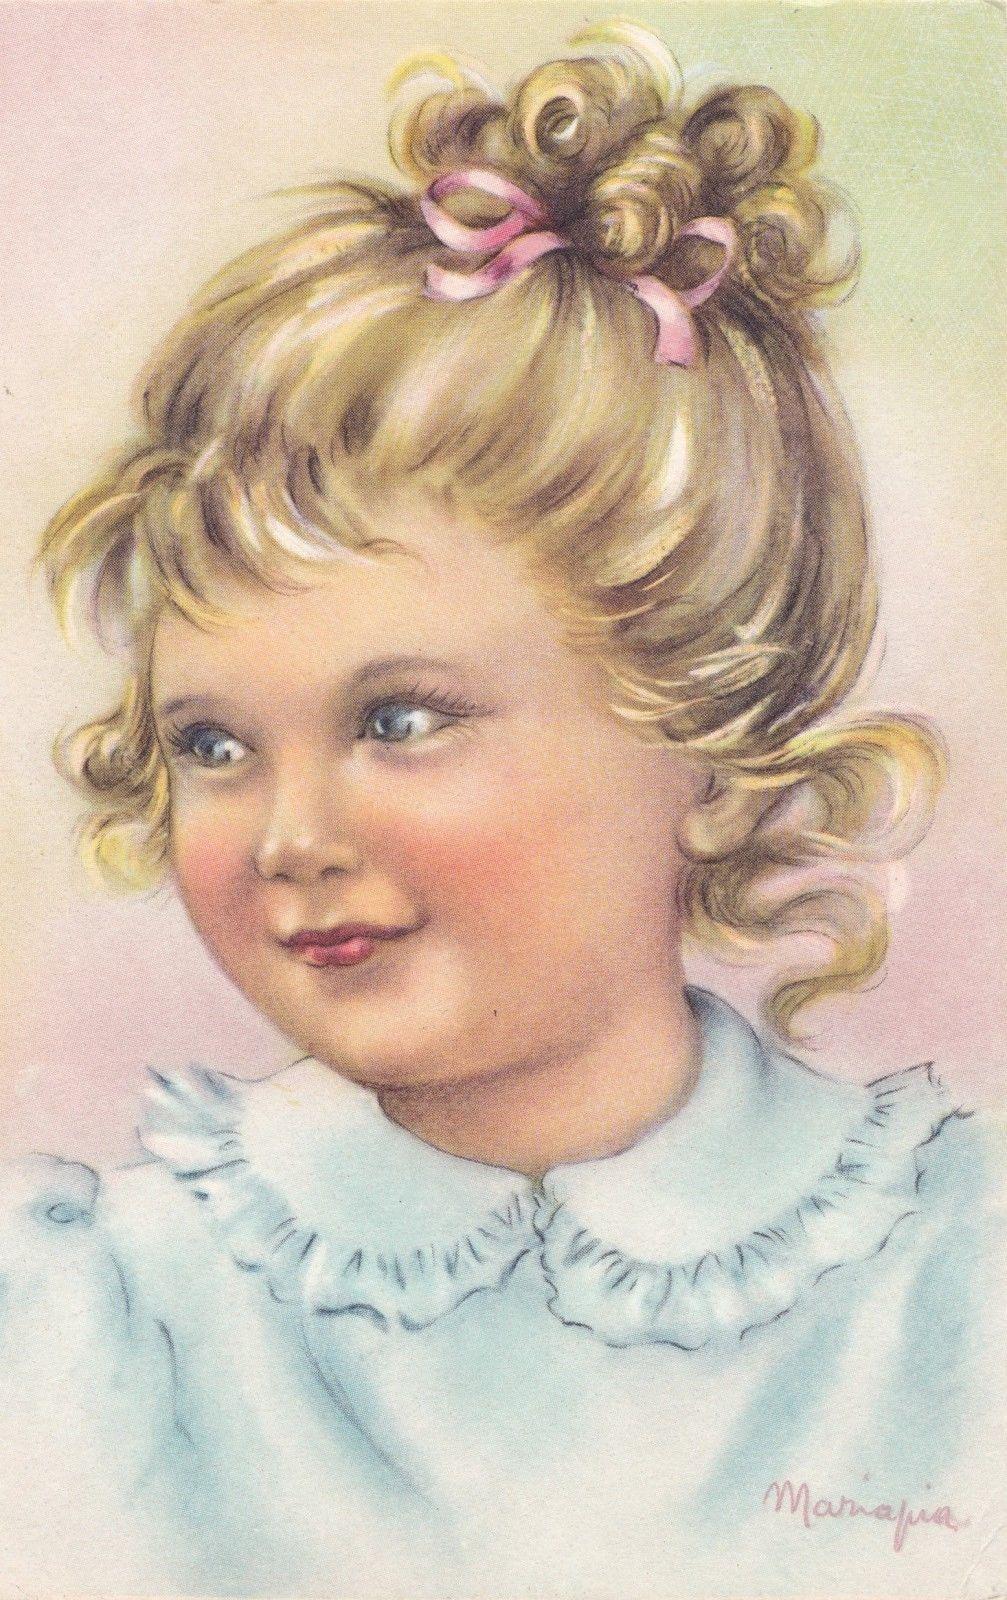 13995 Cartolina Bambina Mariapia | eBay